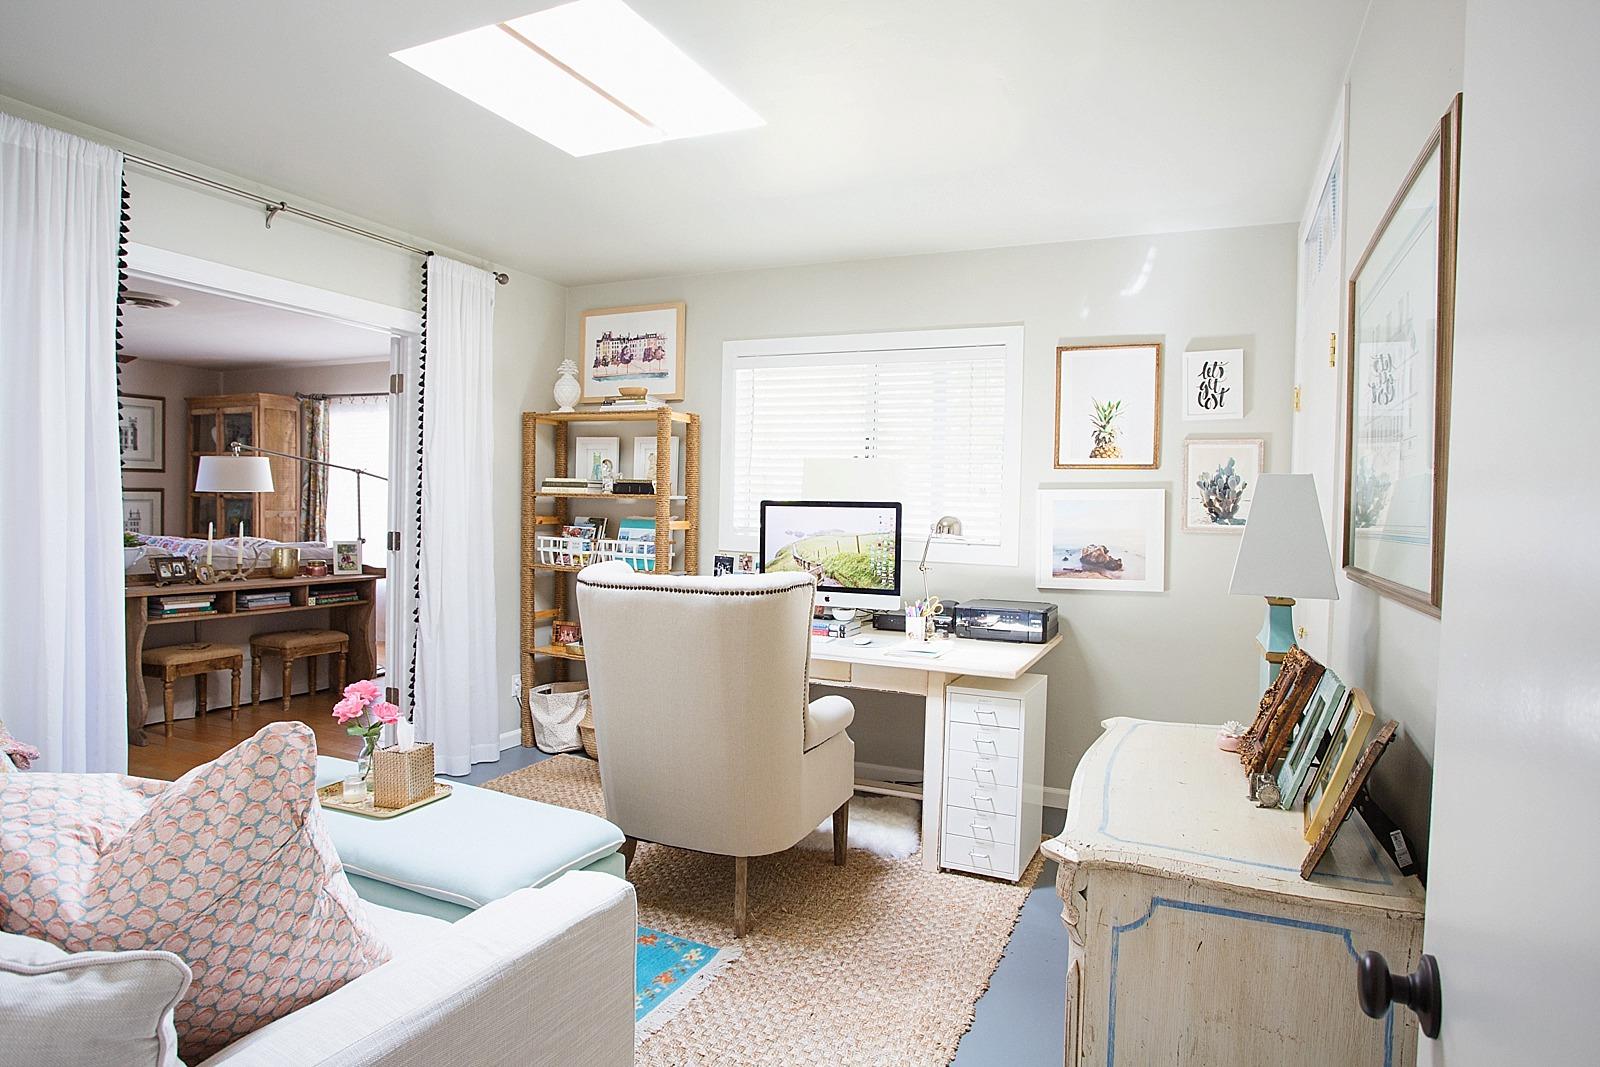 diana-elizabeth-home-office-phoenix-lifestyle-blogger-home-tour-5221